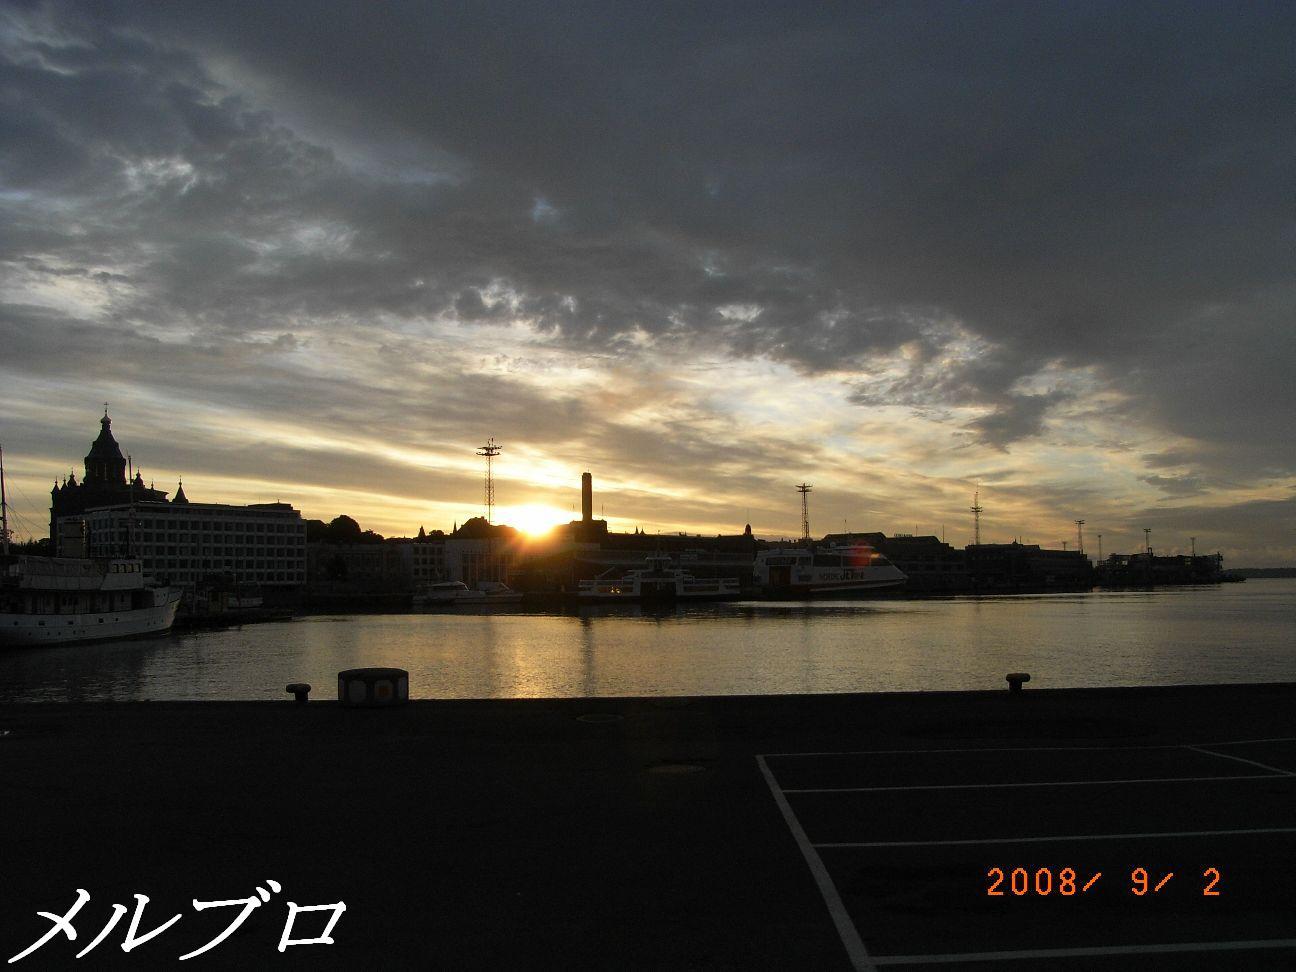 朝日が出た港